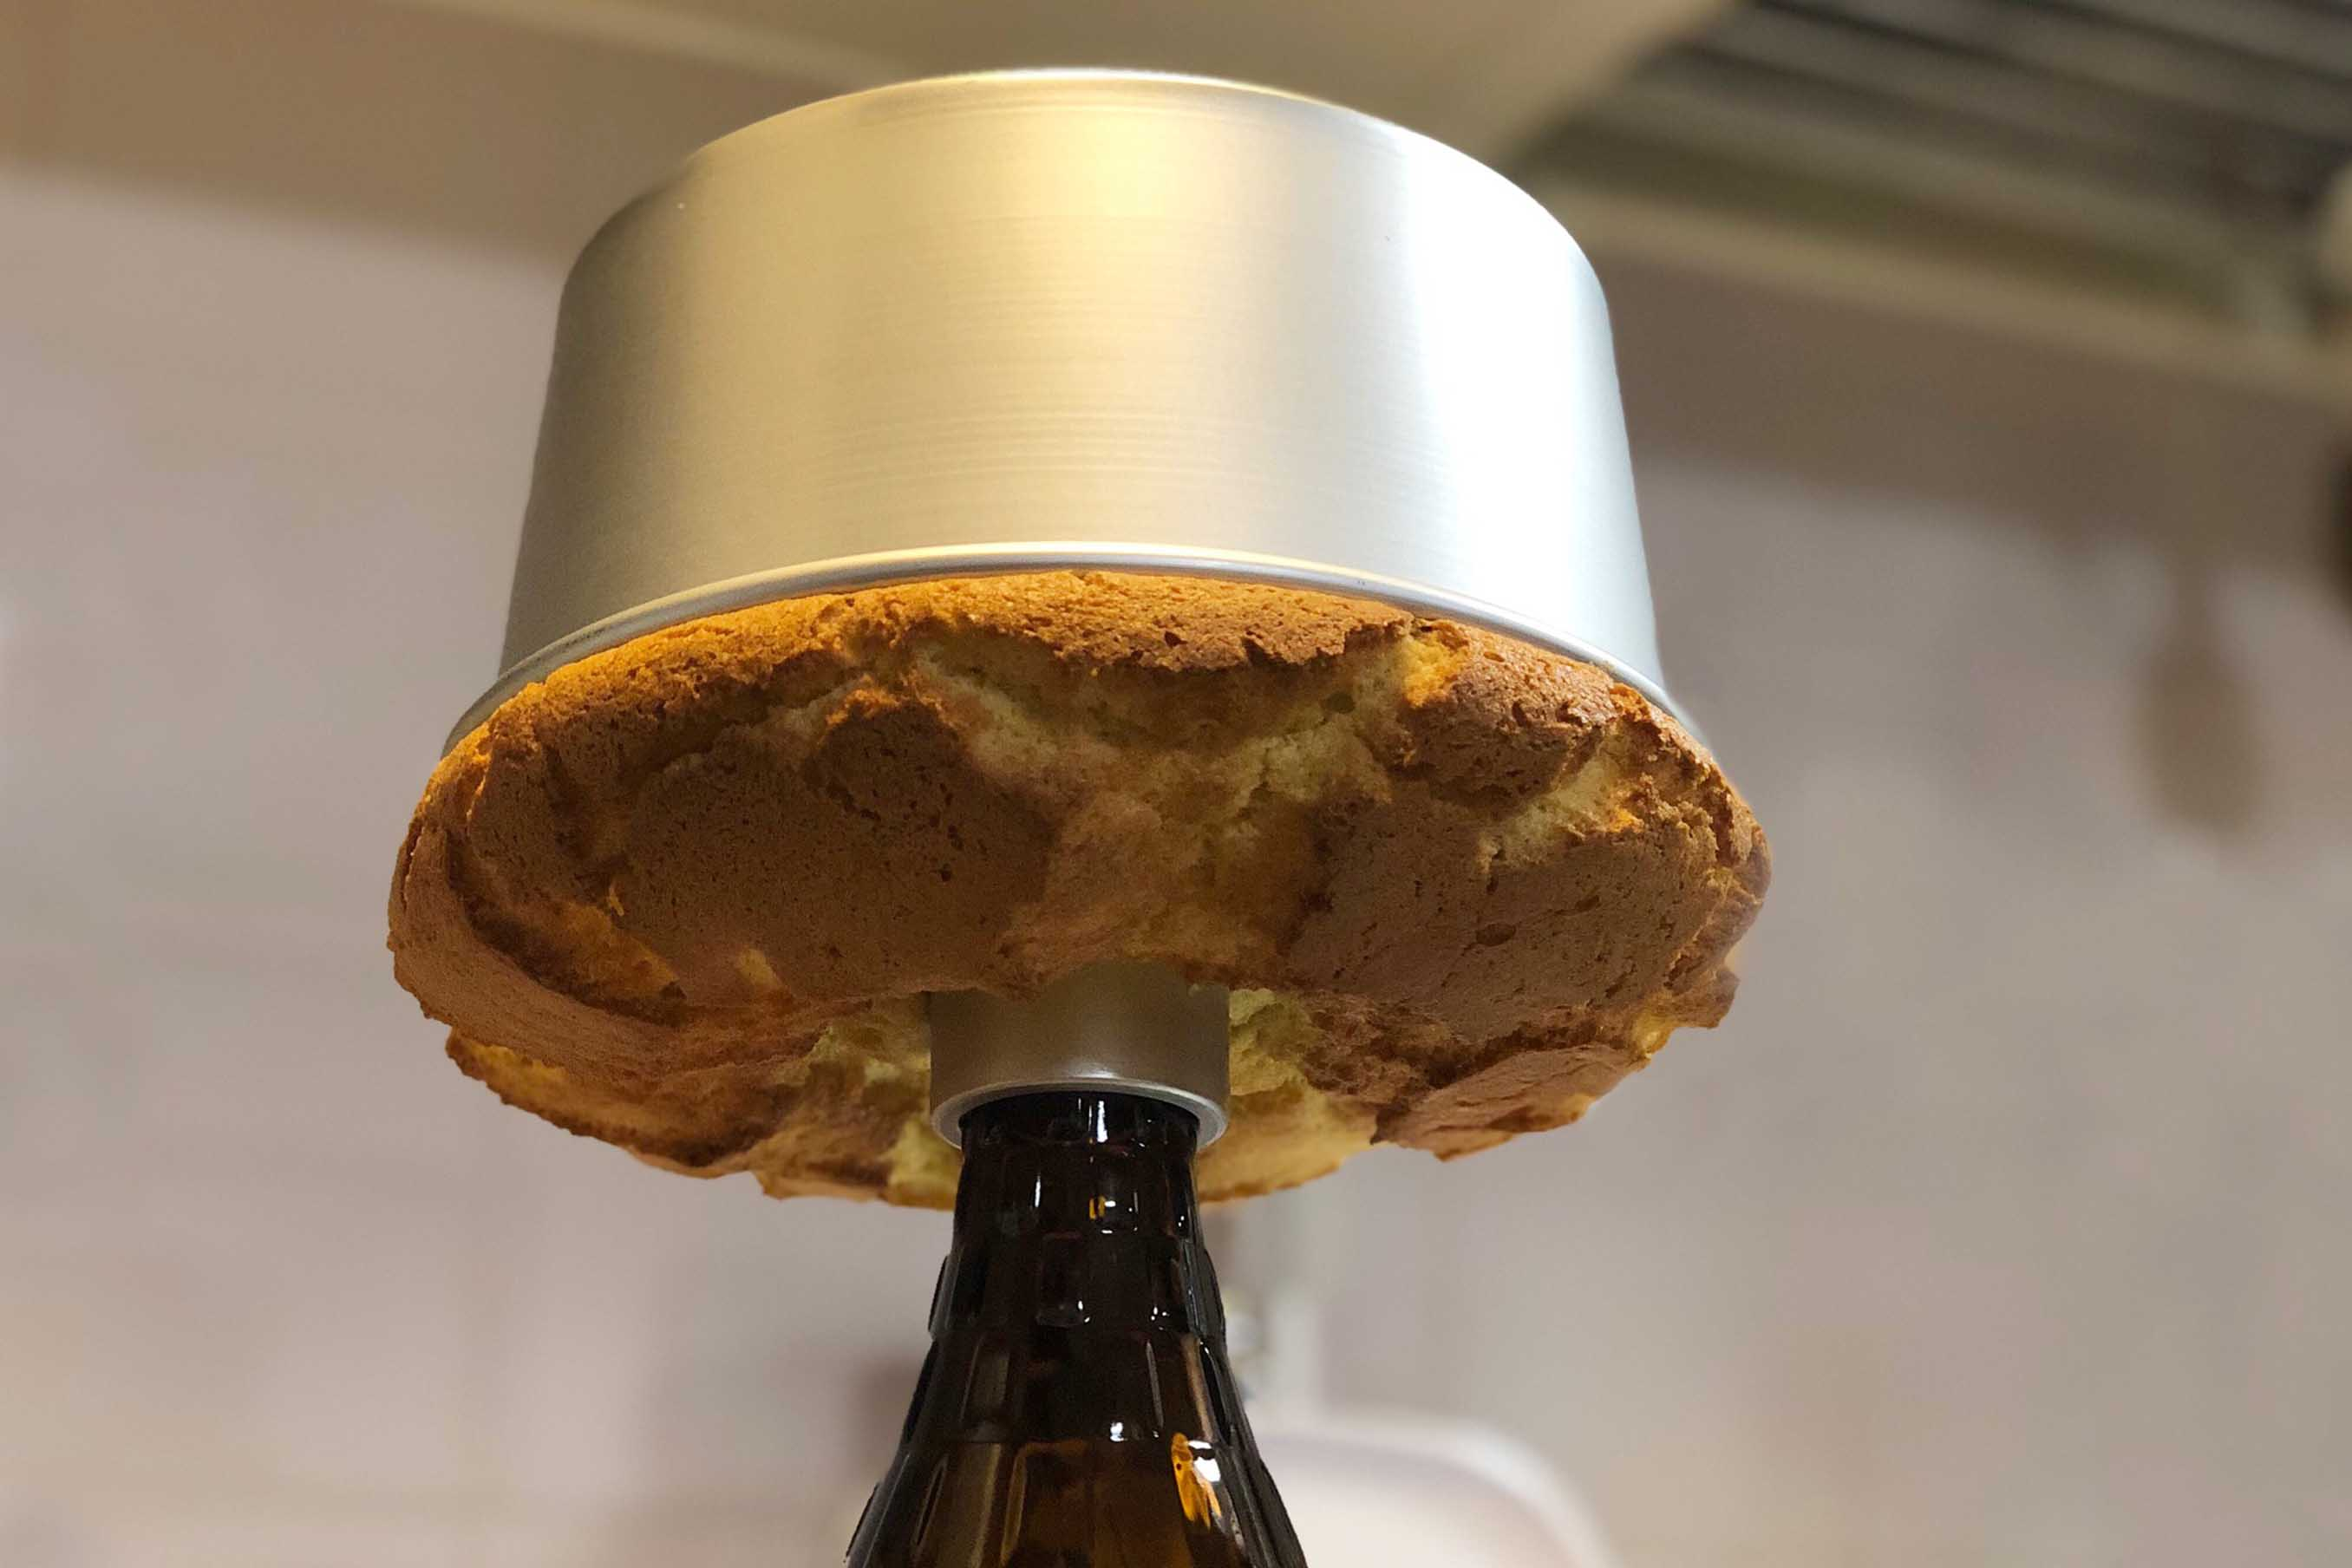 オーブンから出してすぐに逆さにして、型の穴に瓶などを刺しこみそのまま冷ます